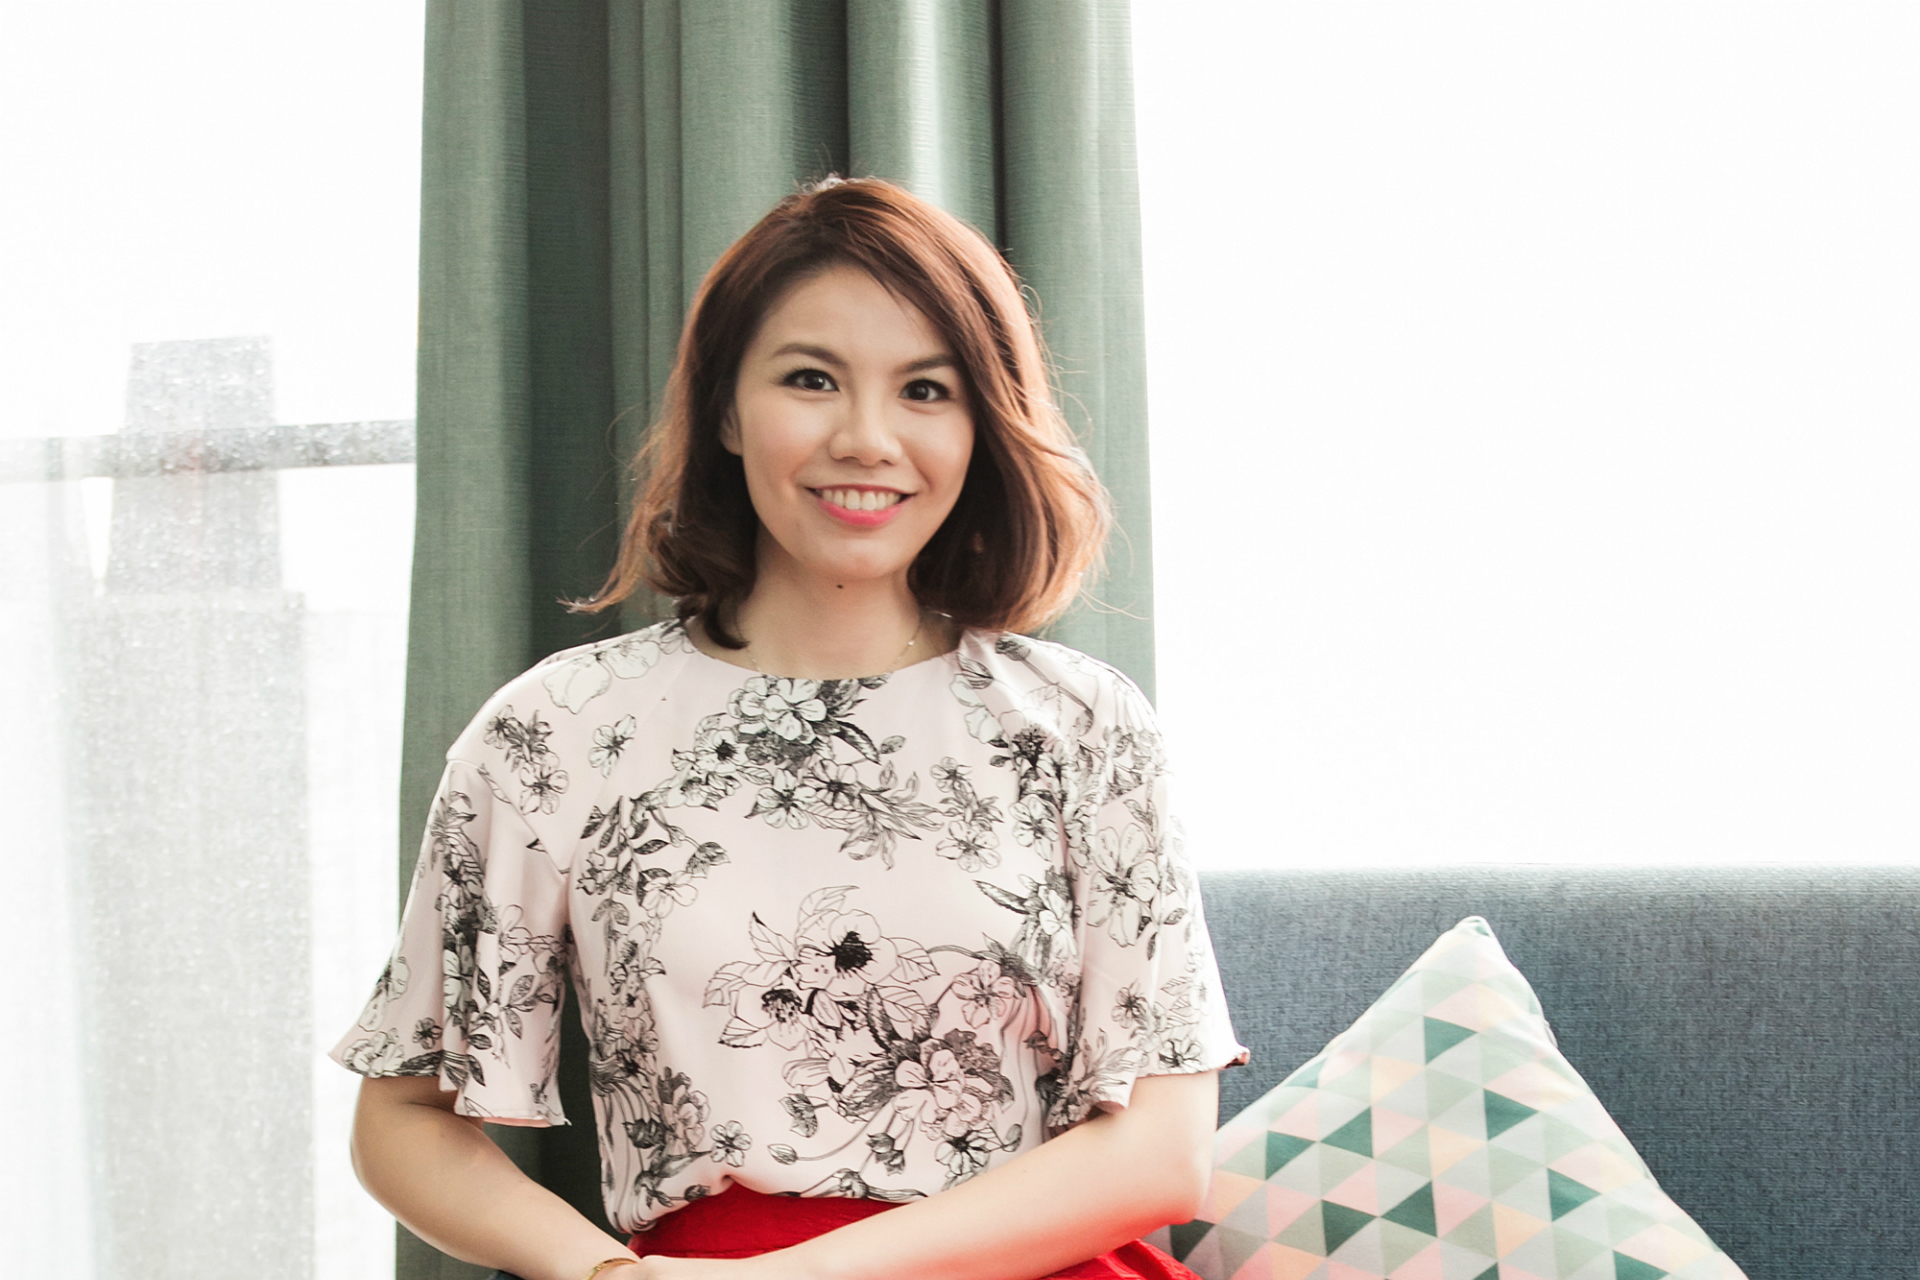 我在⽣活裡⾯出差,在出差裡⾯⽣活 – 專訪 Facebook 大中華地區科技產業總監 Virginia Fung